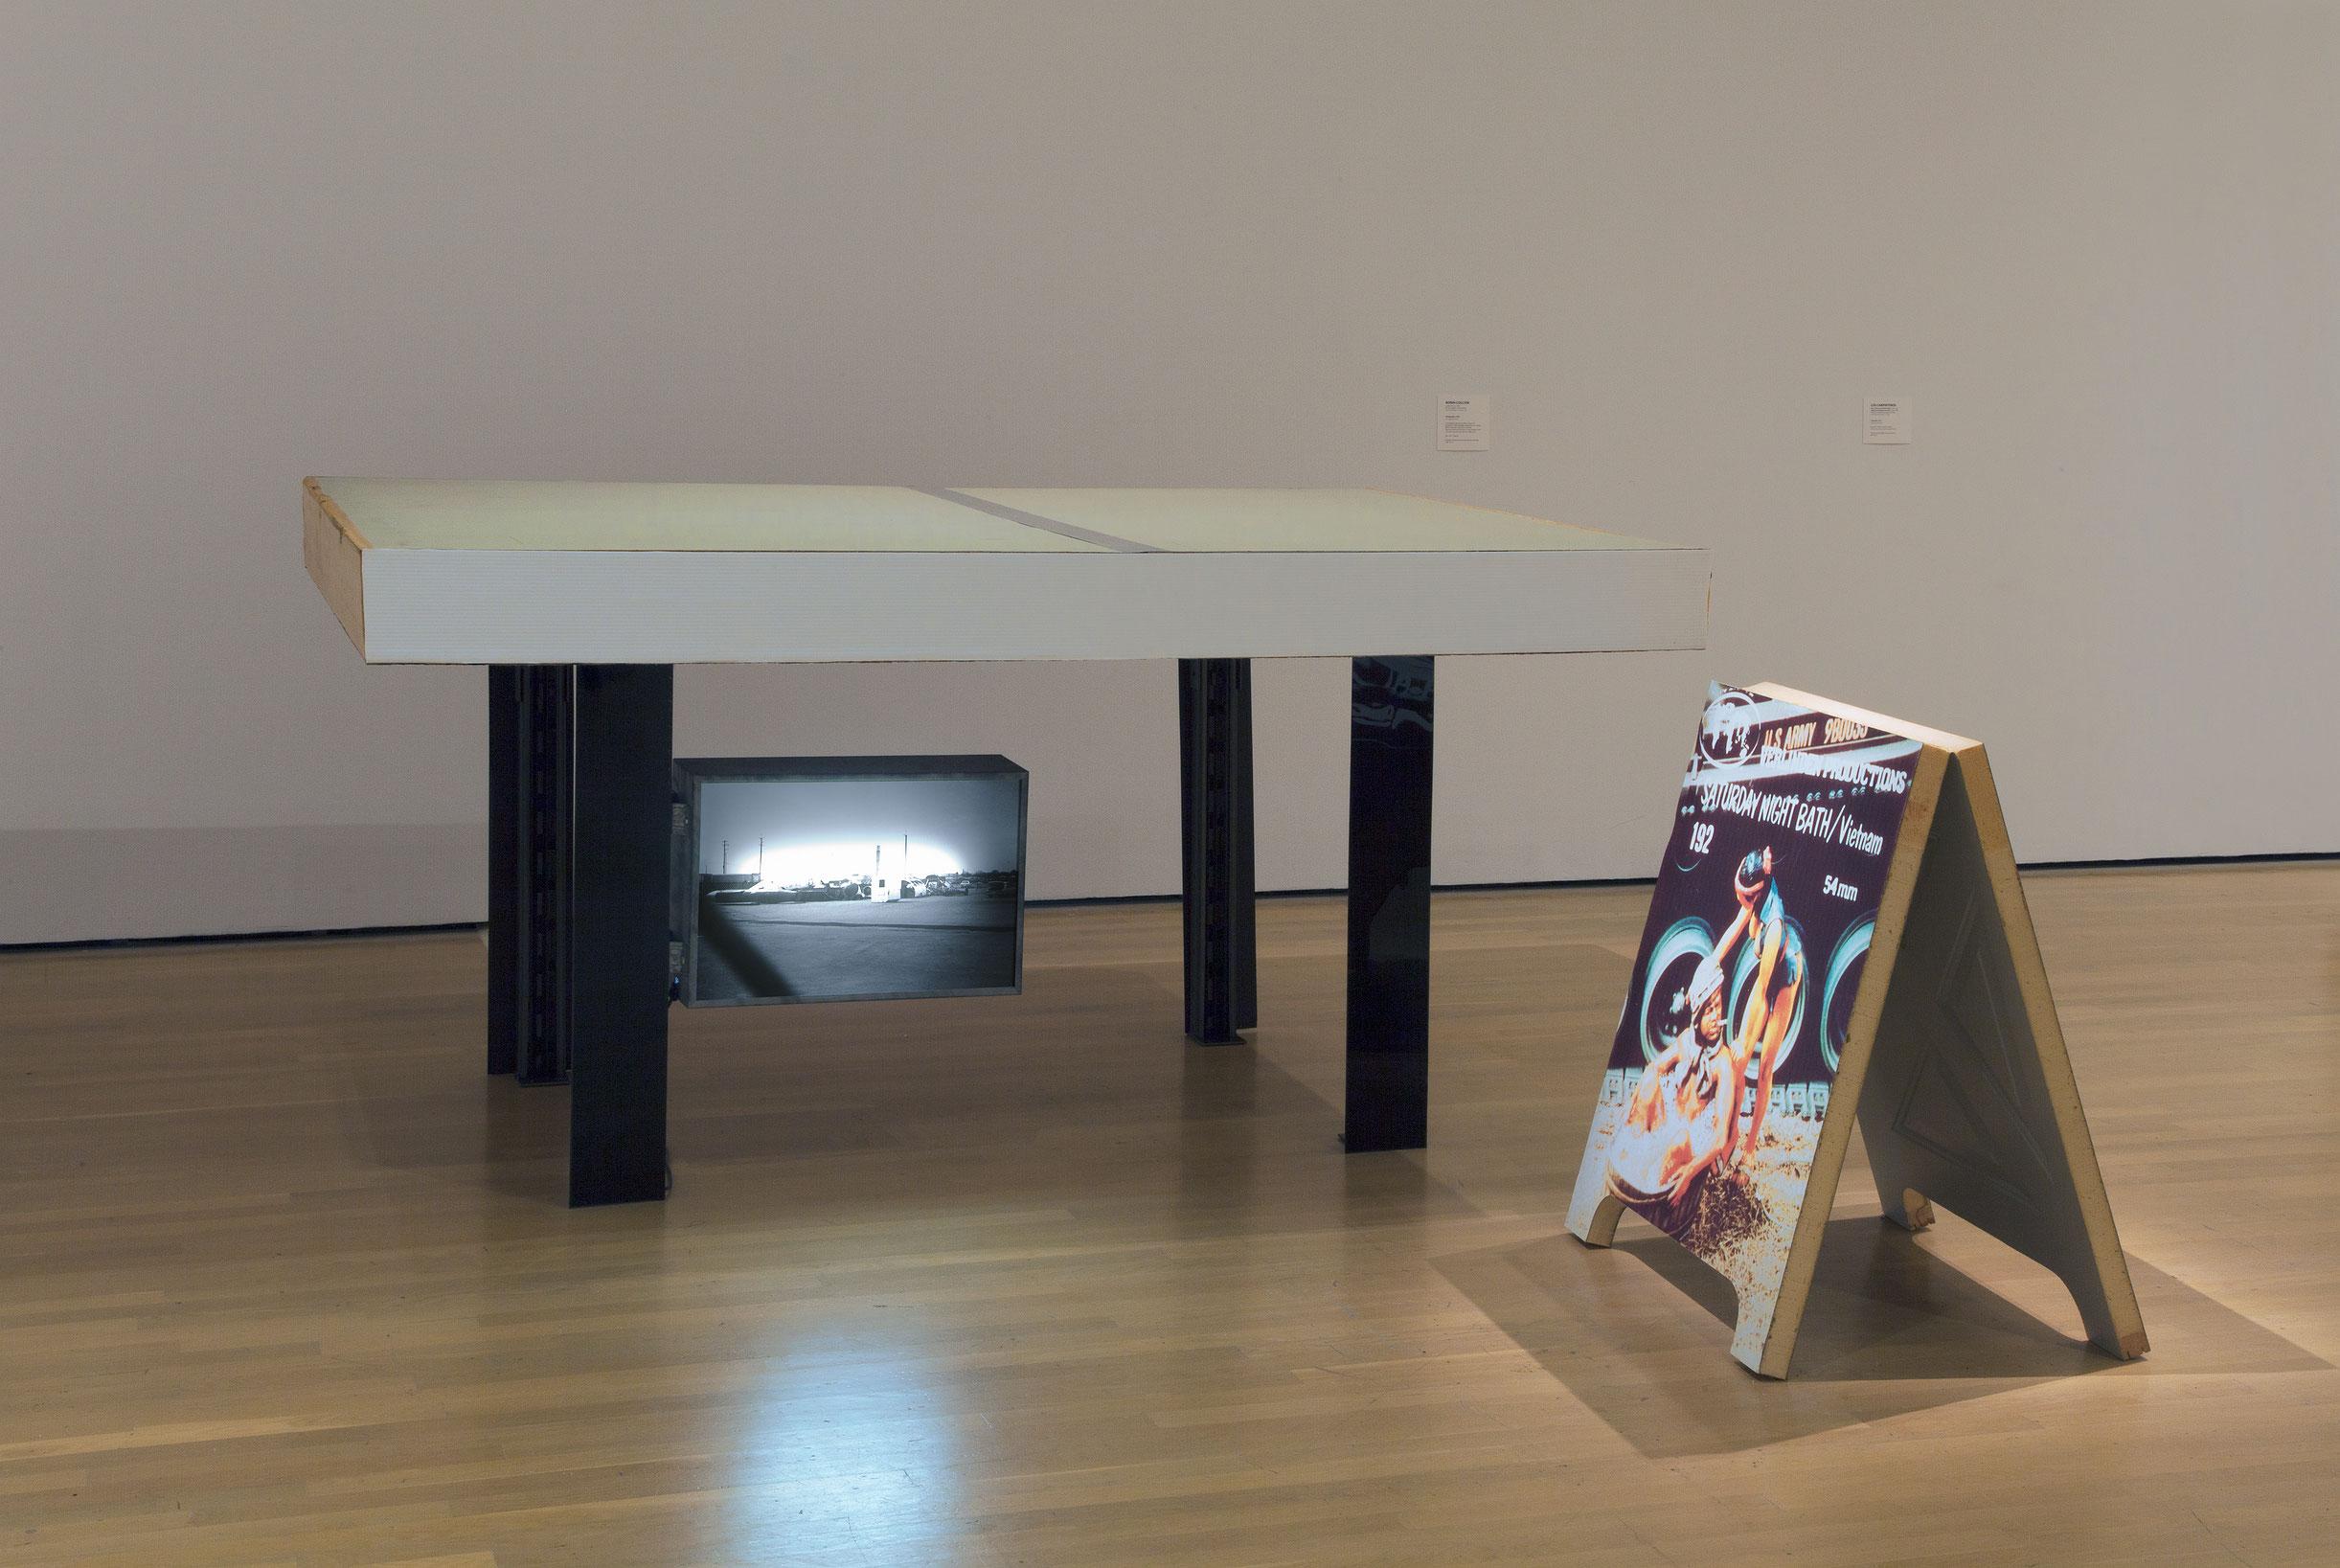 Things Men, 1991, Robin Collyer, Contreplaqué, panneau de fibres, mousse de polystyrène, métal, plexiglas, transparent noir et blanc, boîtier lumineux, impression jet d'encre.